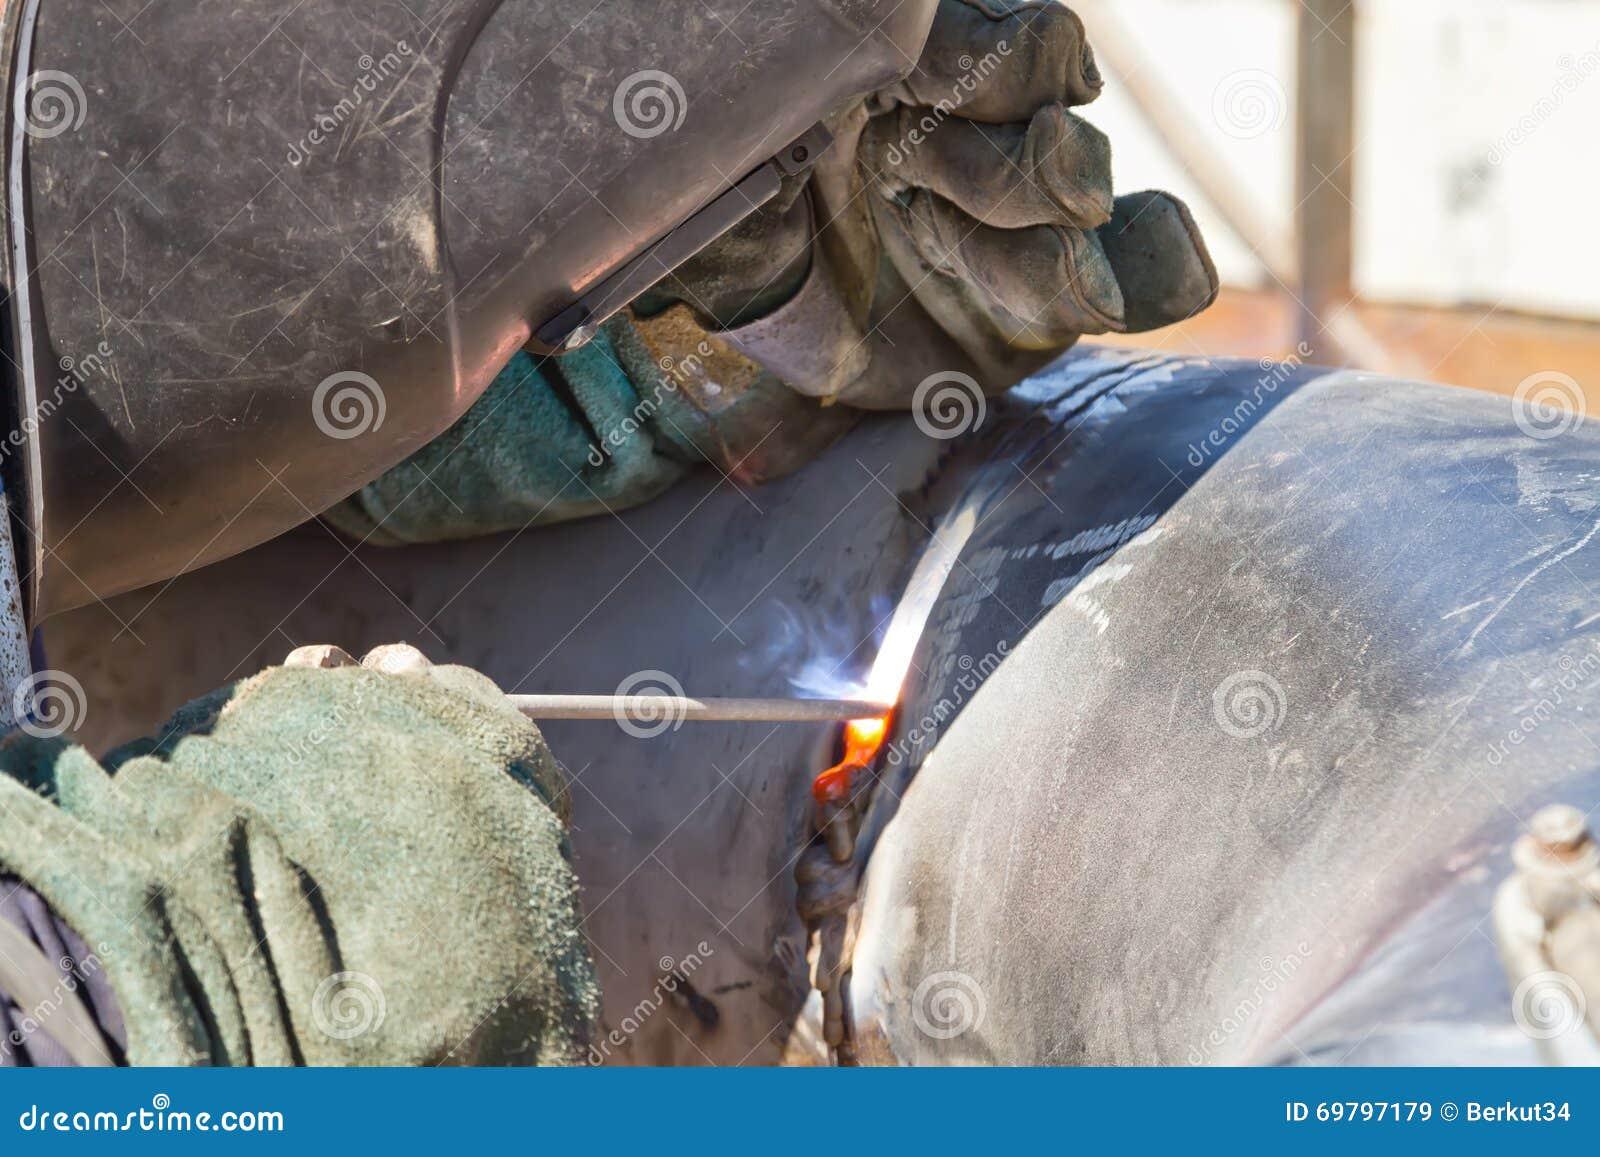 Welder performs welding works on pipelines